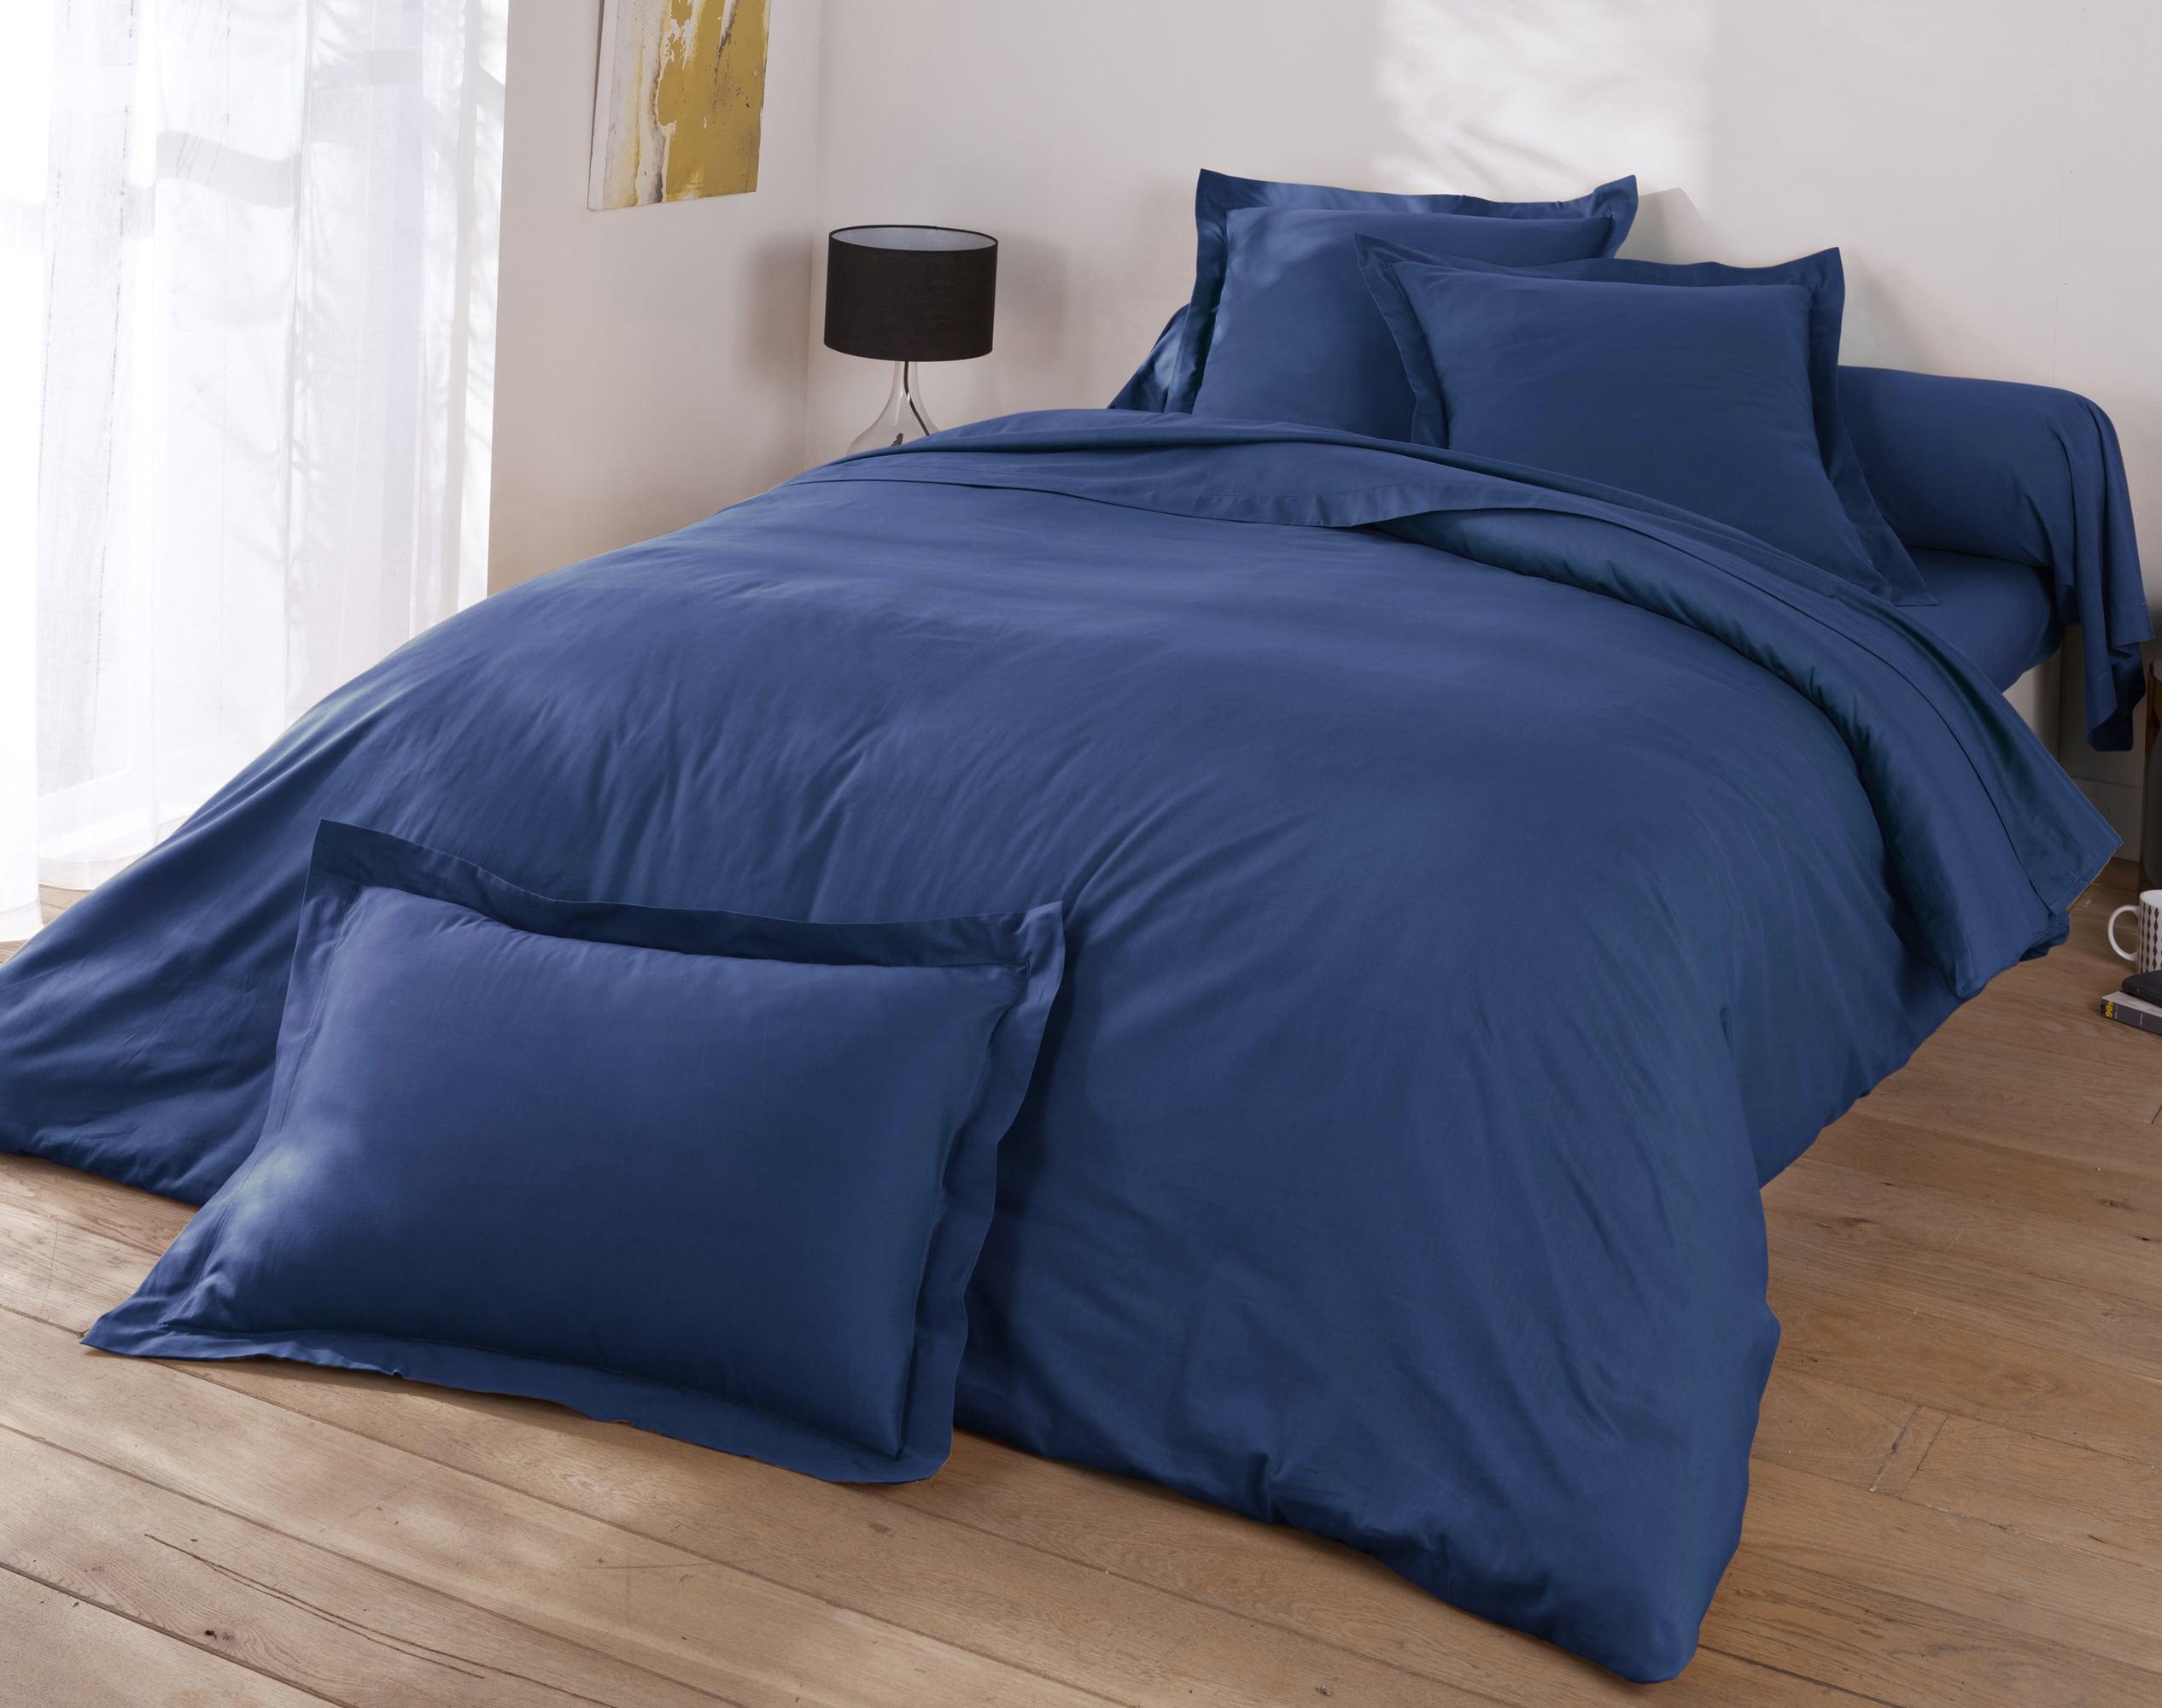 Housse de couette 200x200 en coton bleu marine